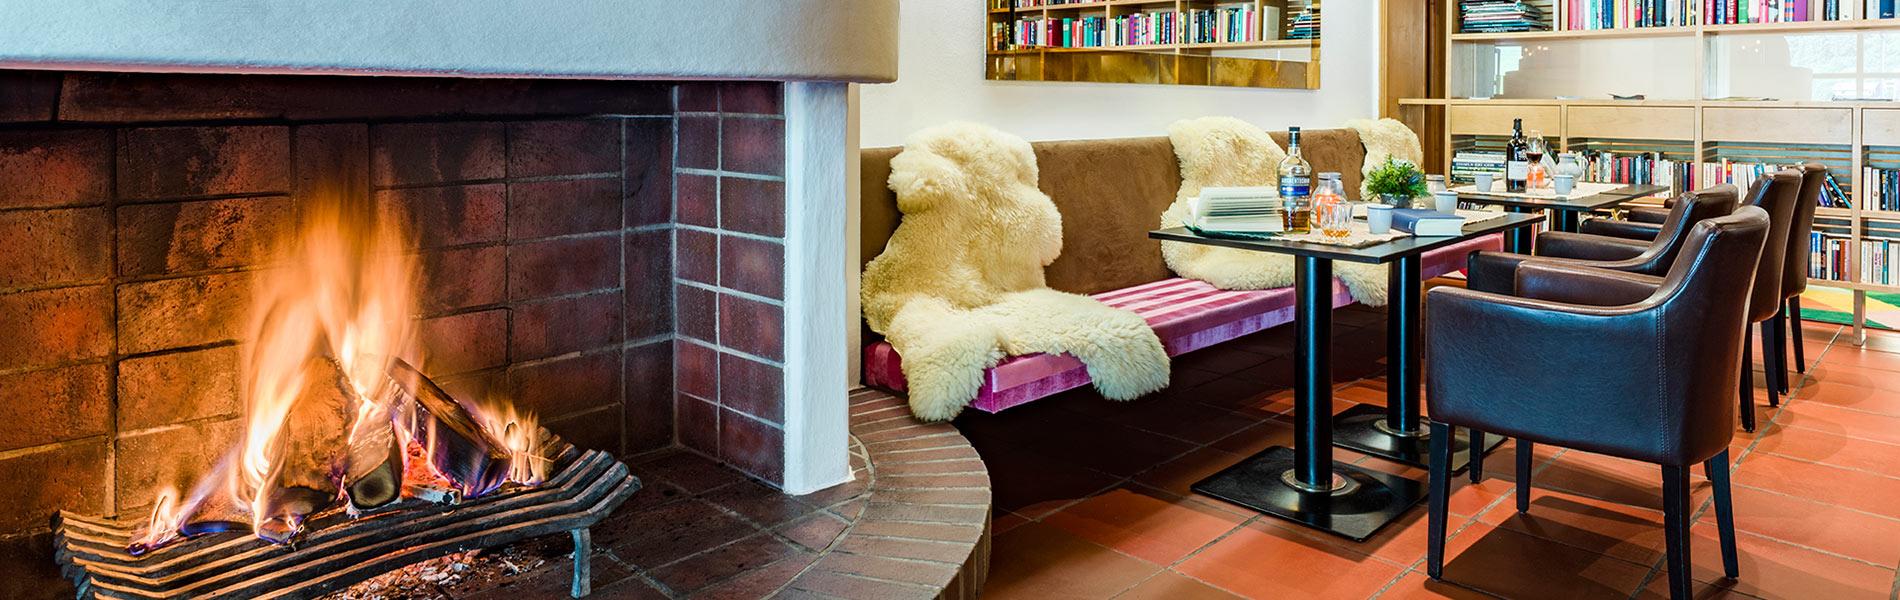 Winterurlaub in Tirol am Stubaier Gletscher im Hotel Happy Stubai Hostel Neustift